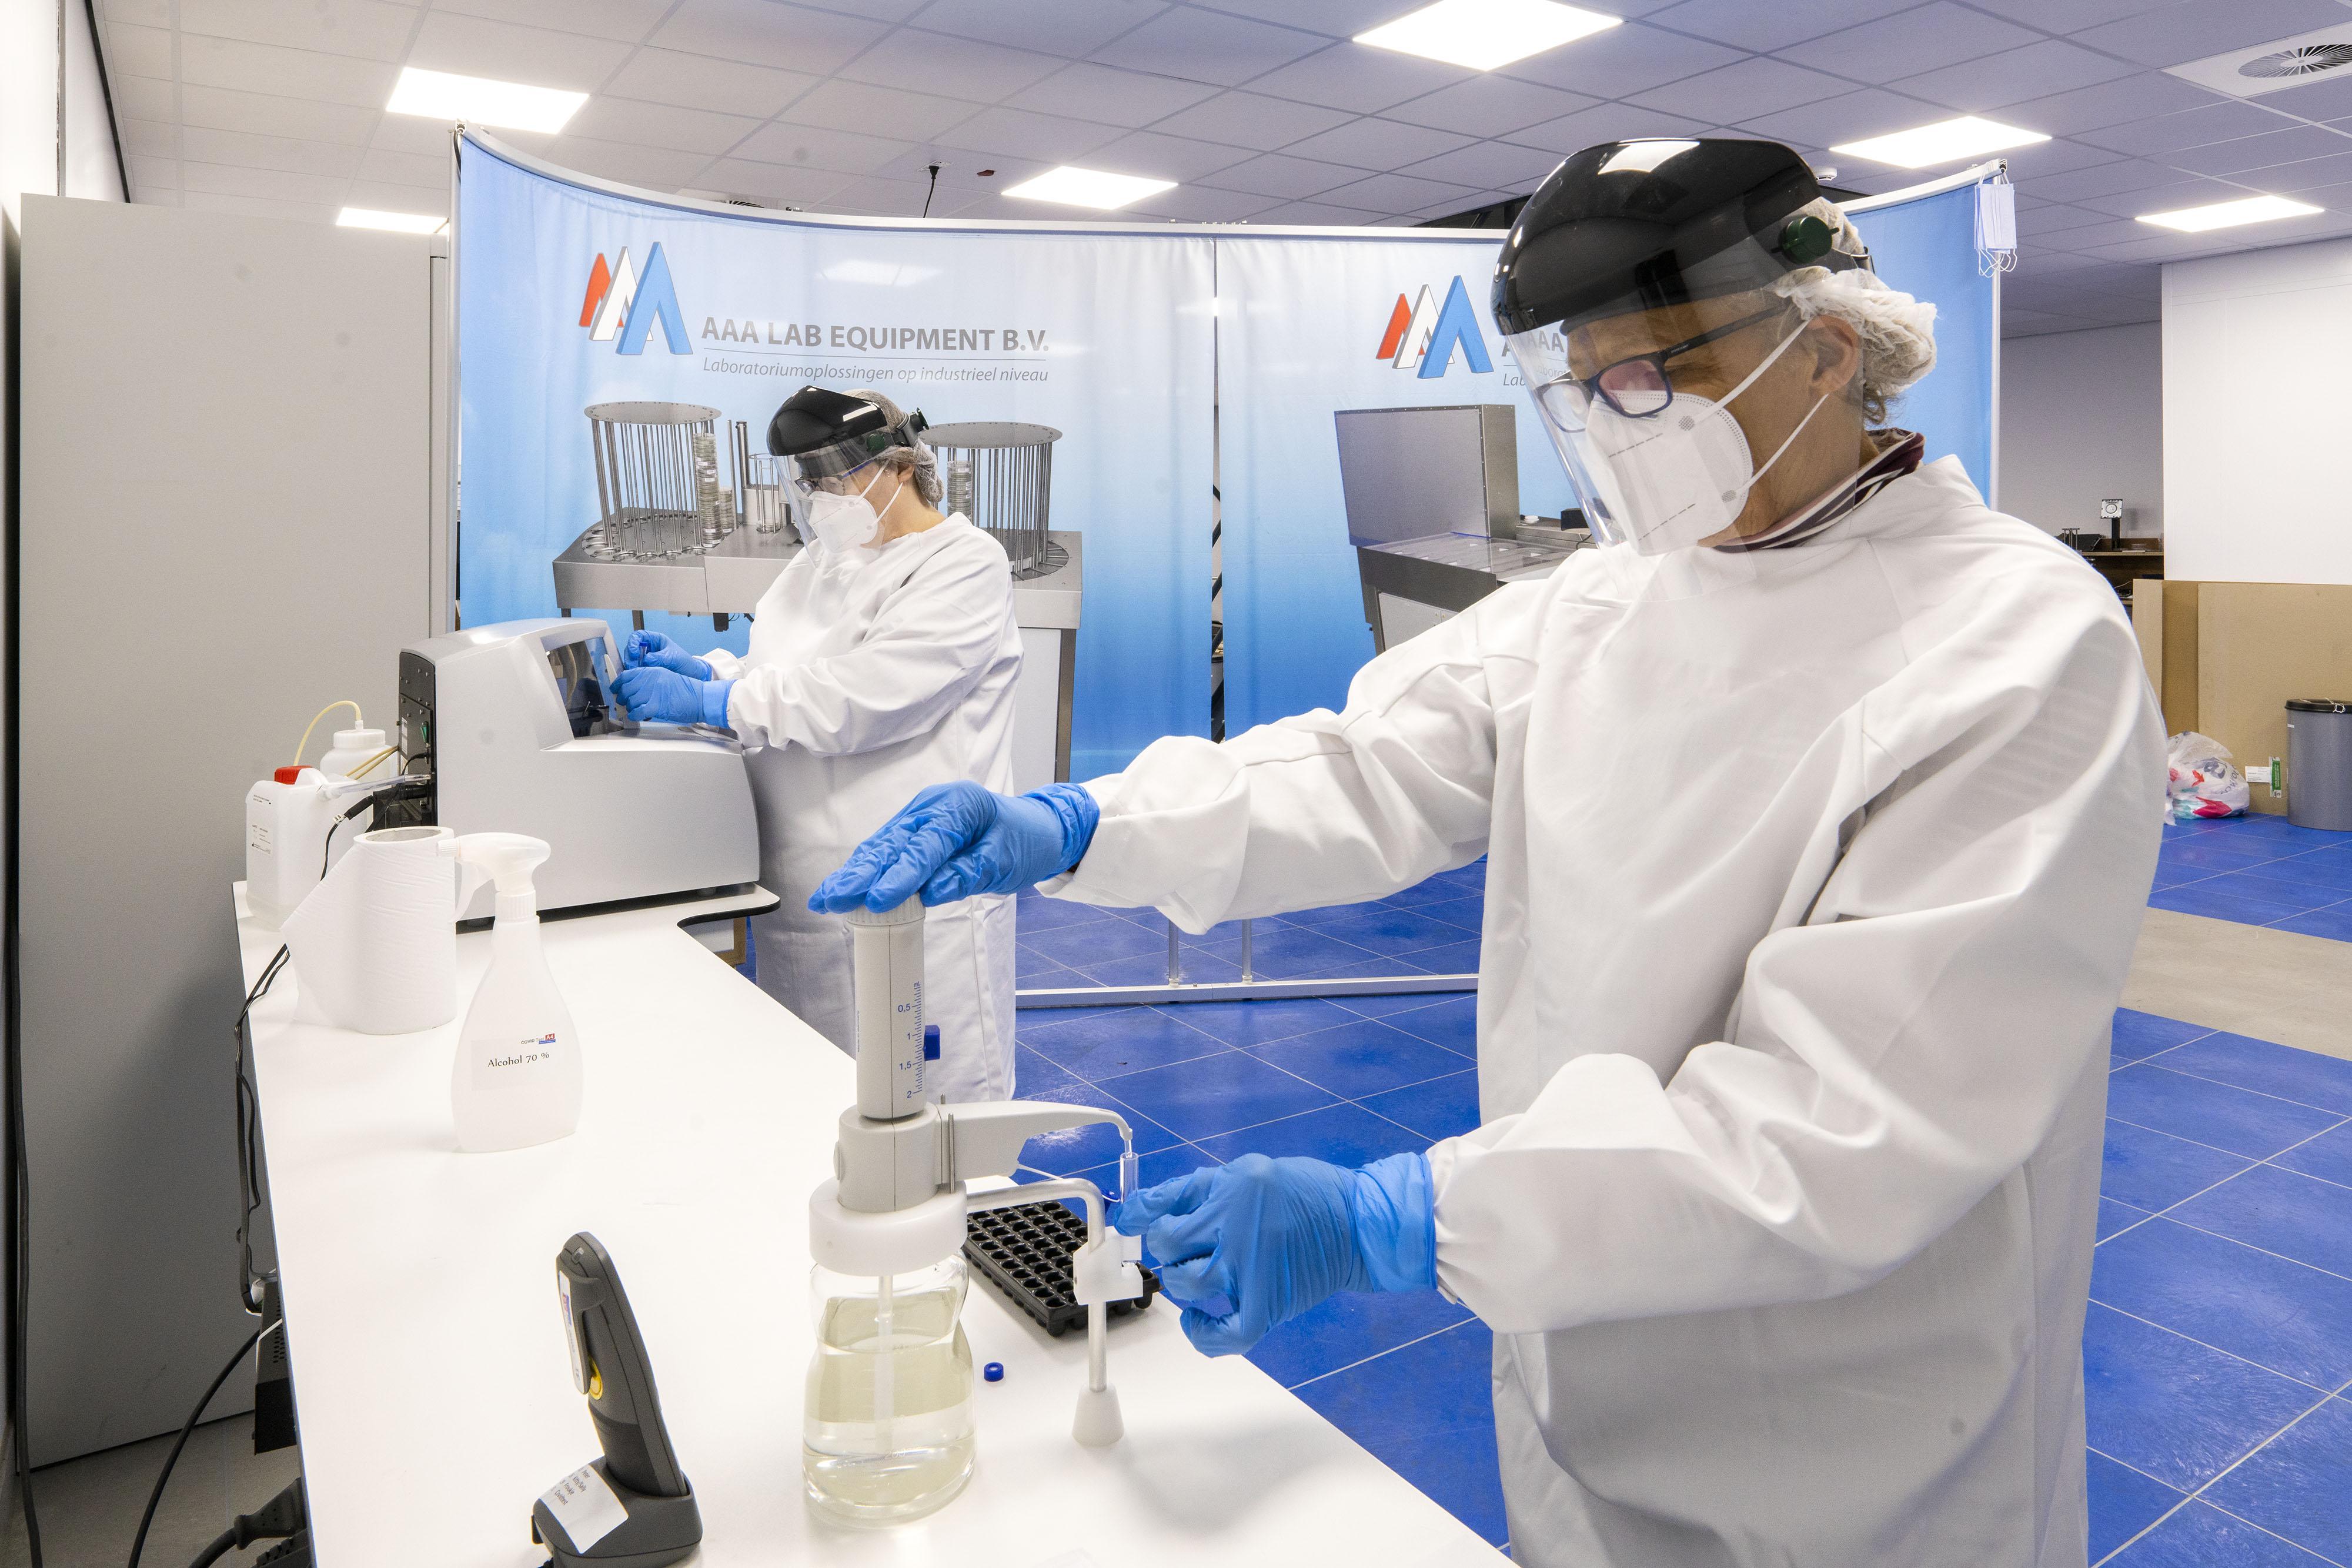 GGD roept commerciële teststraten op coronabesmettingen te melden. 'Dat wil ik wel maar dat kan niet', zegt Peter Krul van een commerciële teststraat in Roelofarendsveen